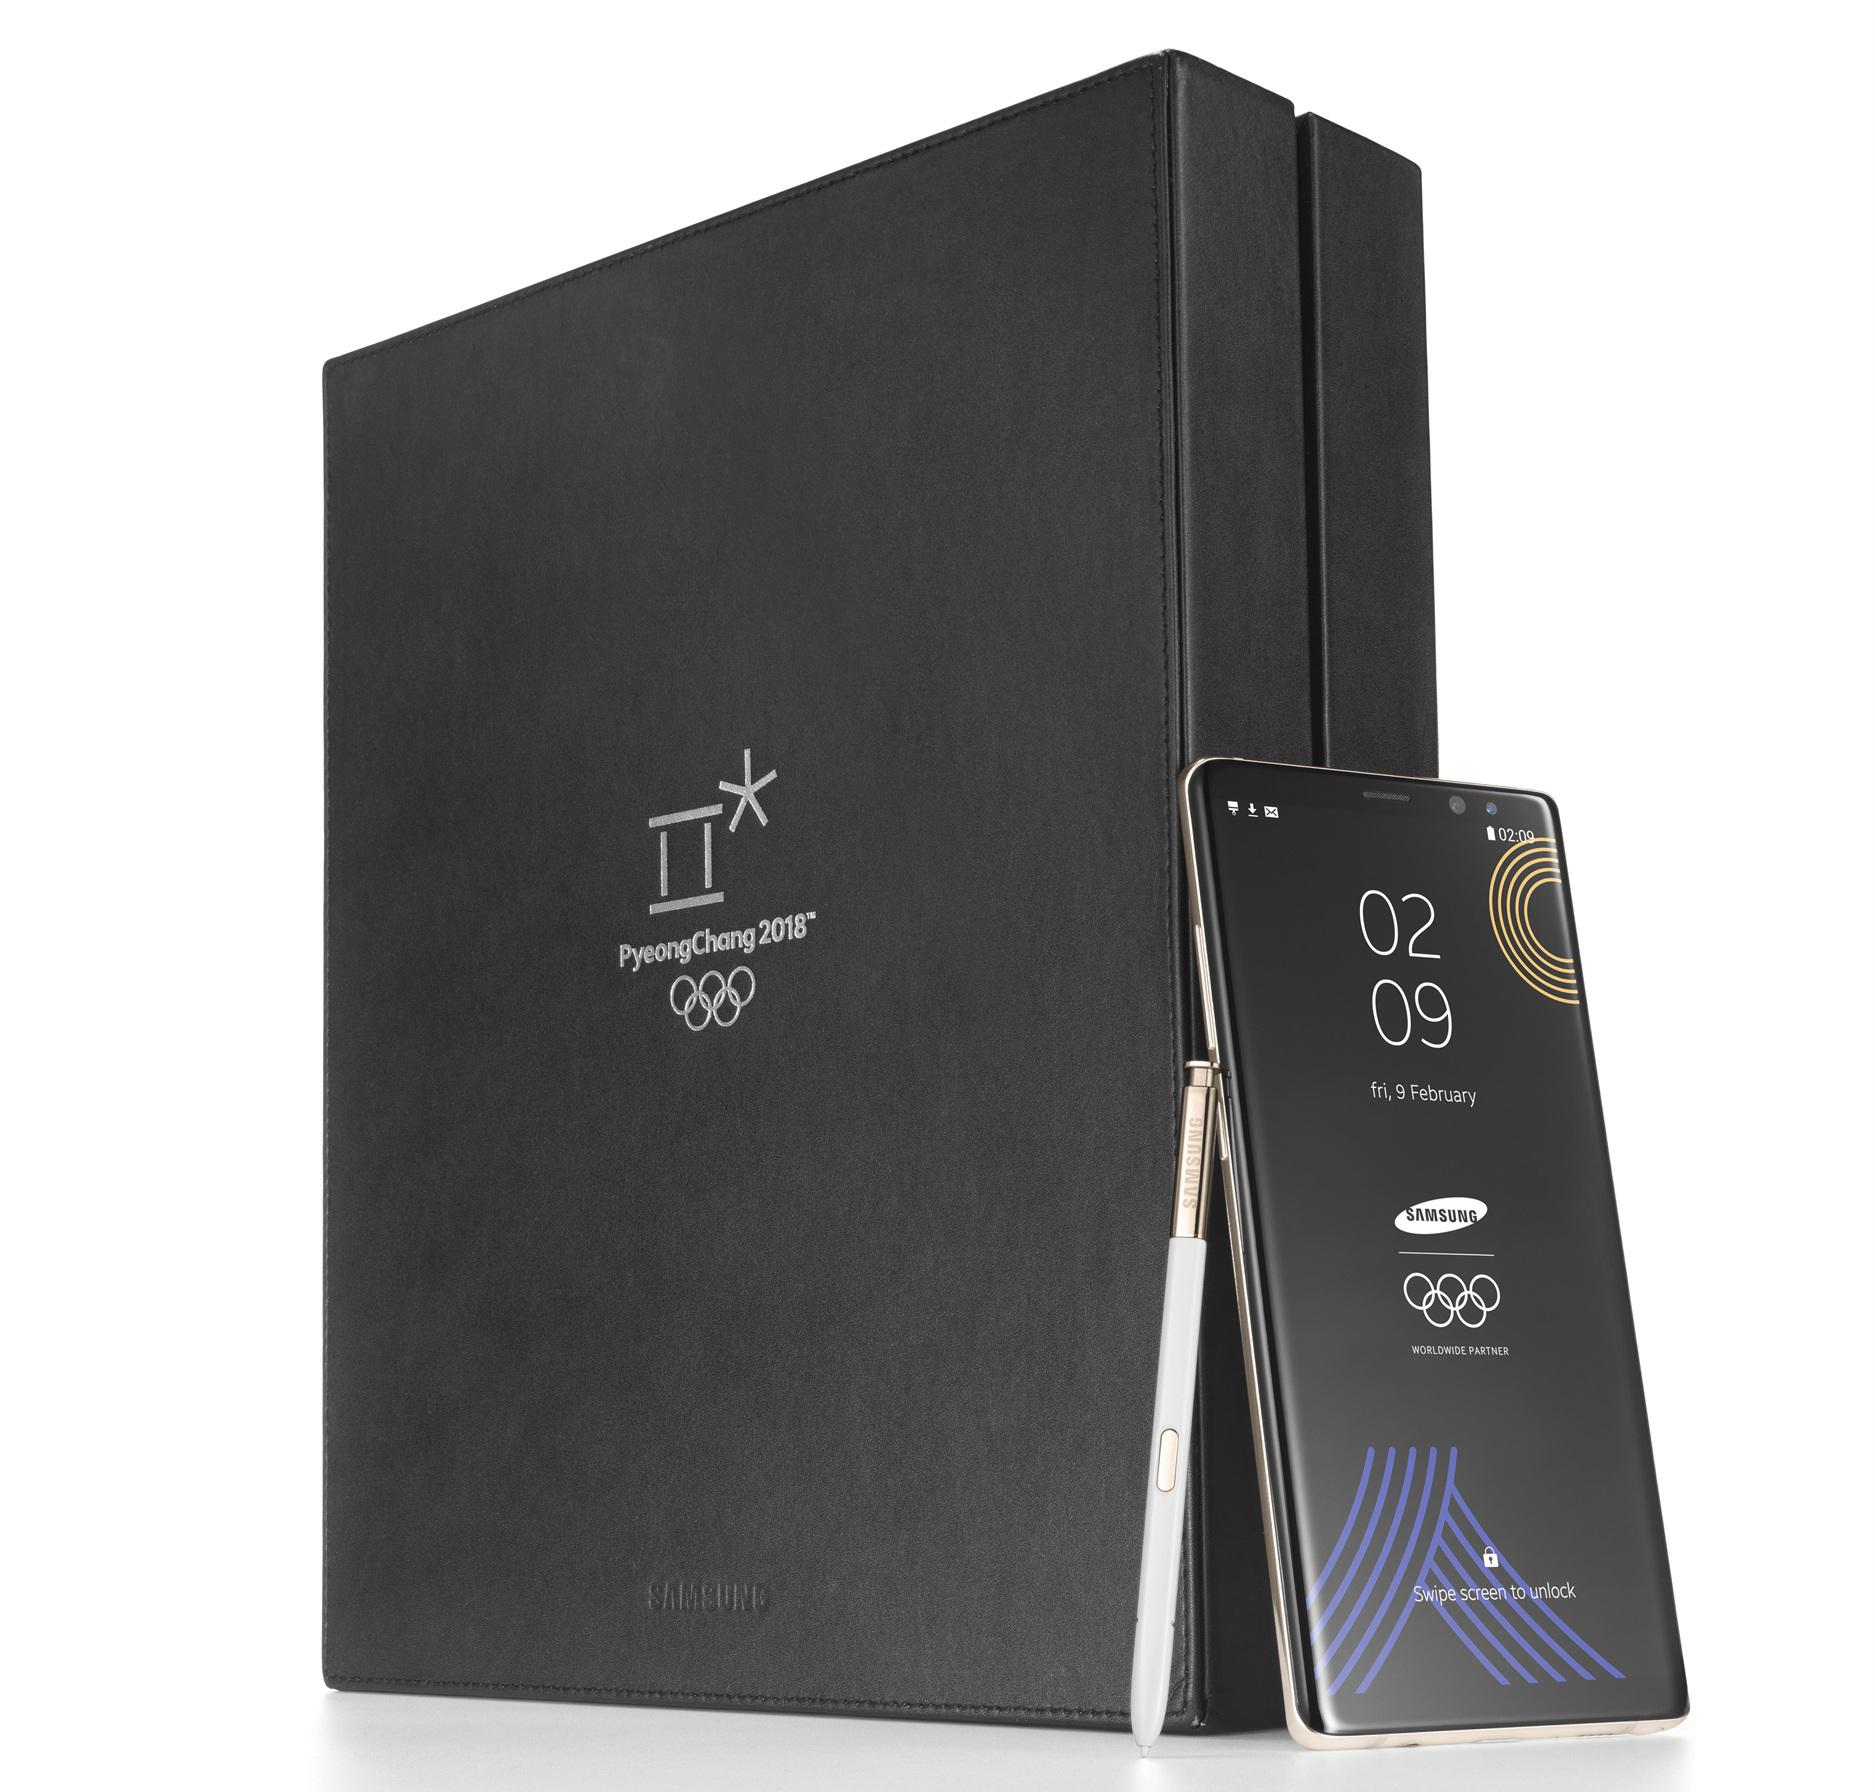 Samsung Galaxy Note 8 edición Juegos Olímpicos 2018 anunciado por Samsung